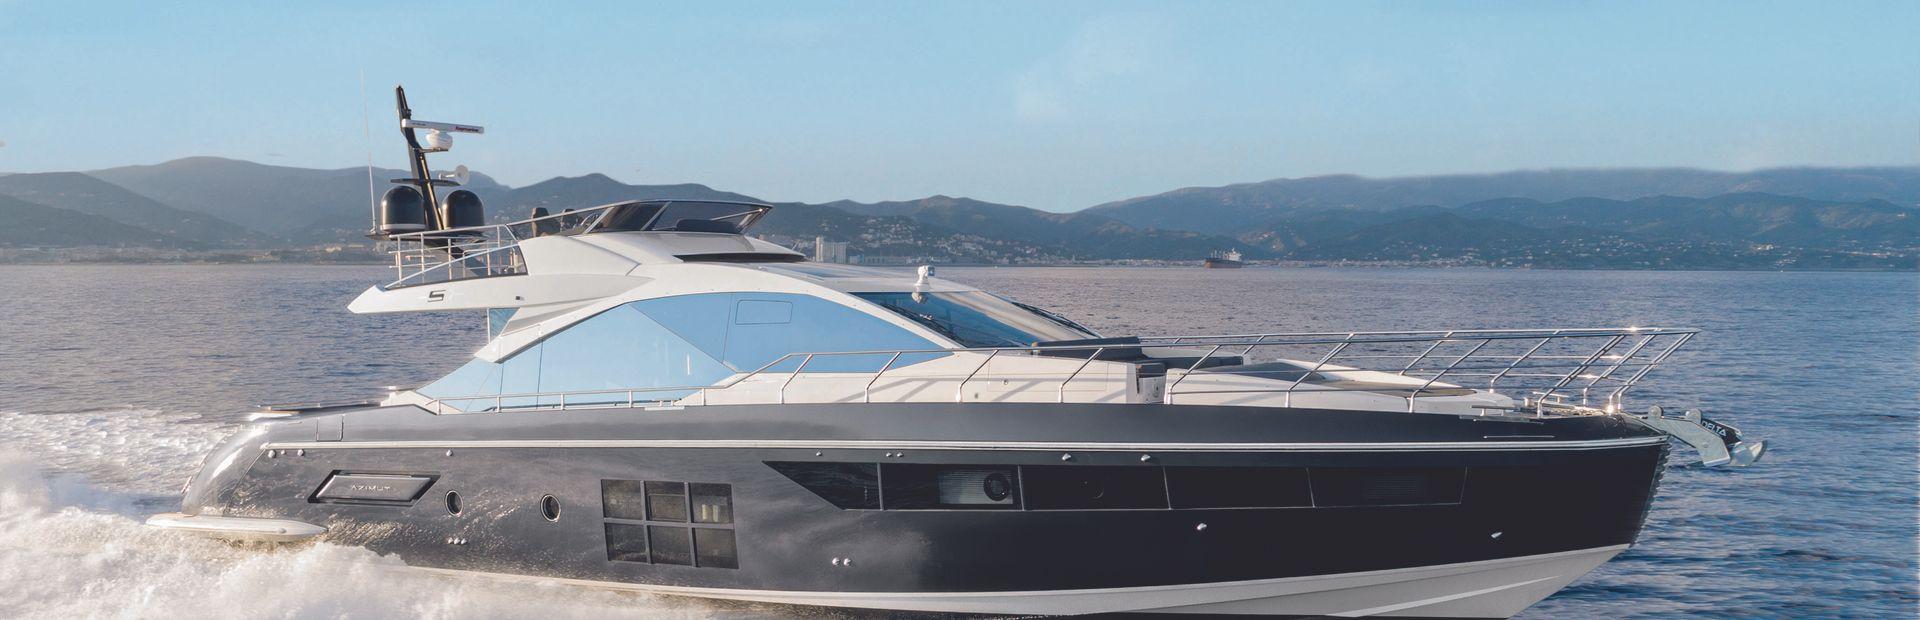 Azimut S7 Yacht Charter